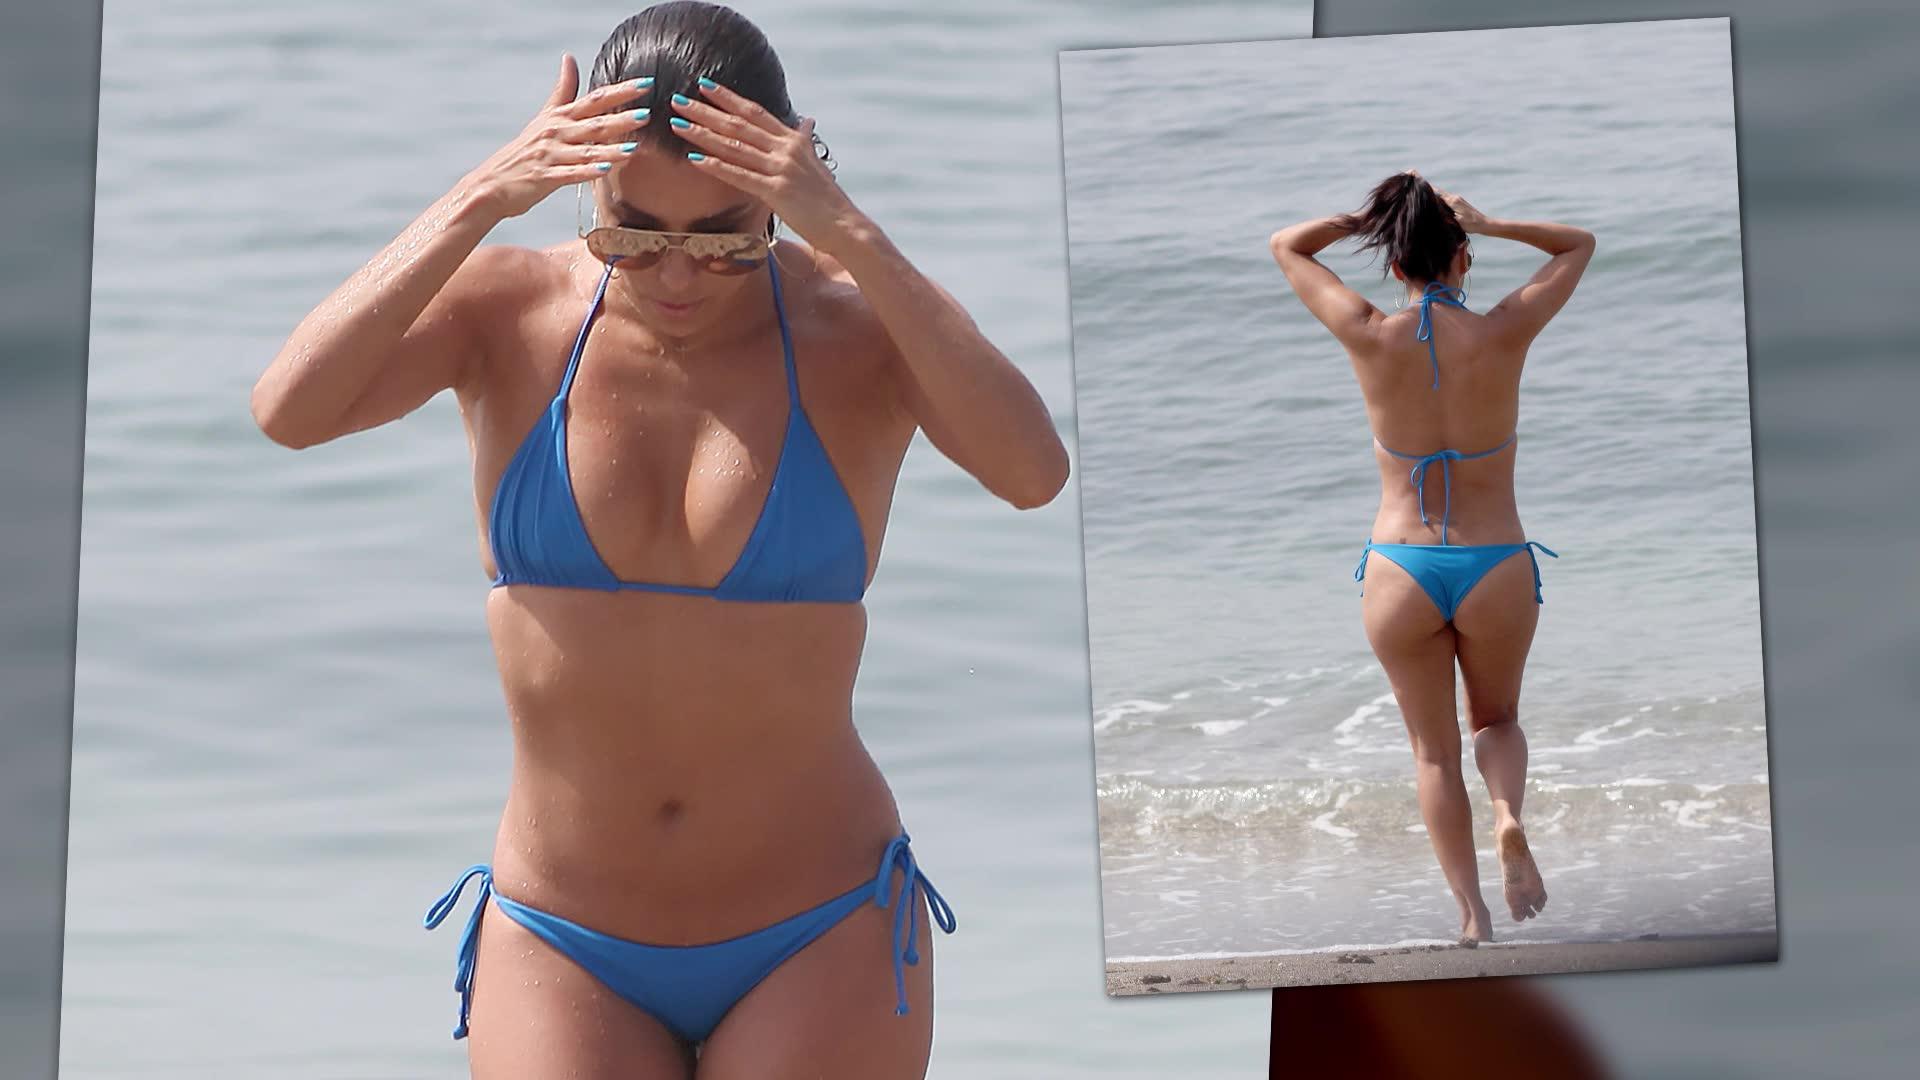 Eva Longoria Stuns in a Blue Bikini